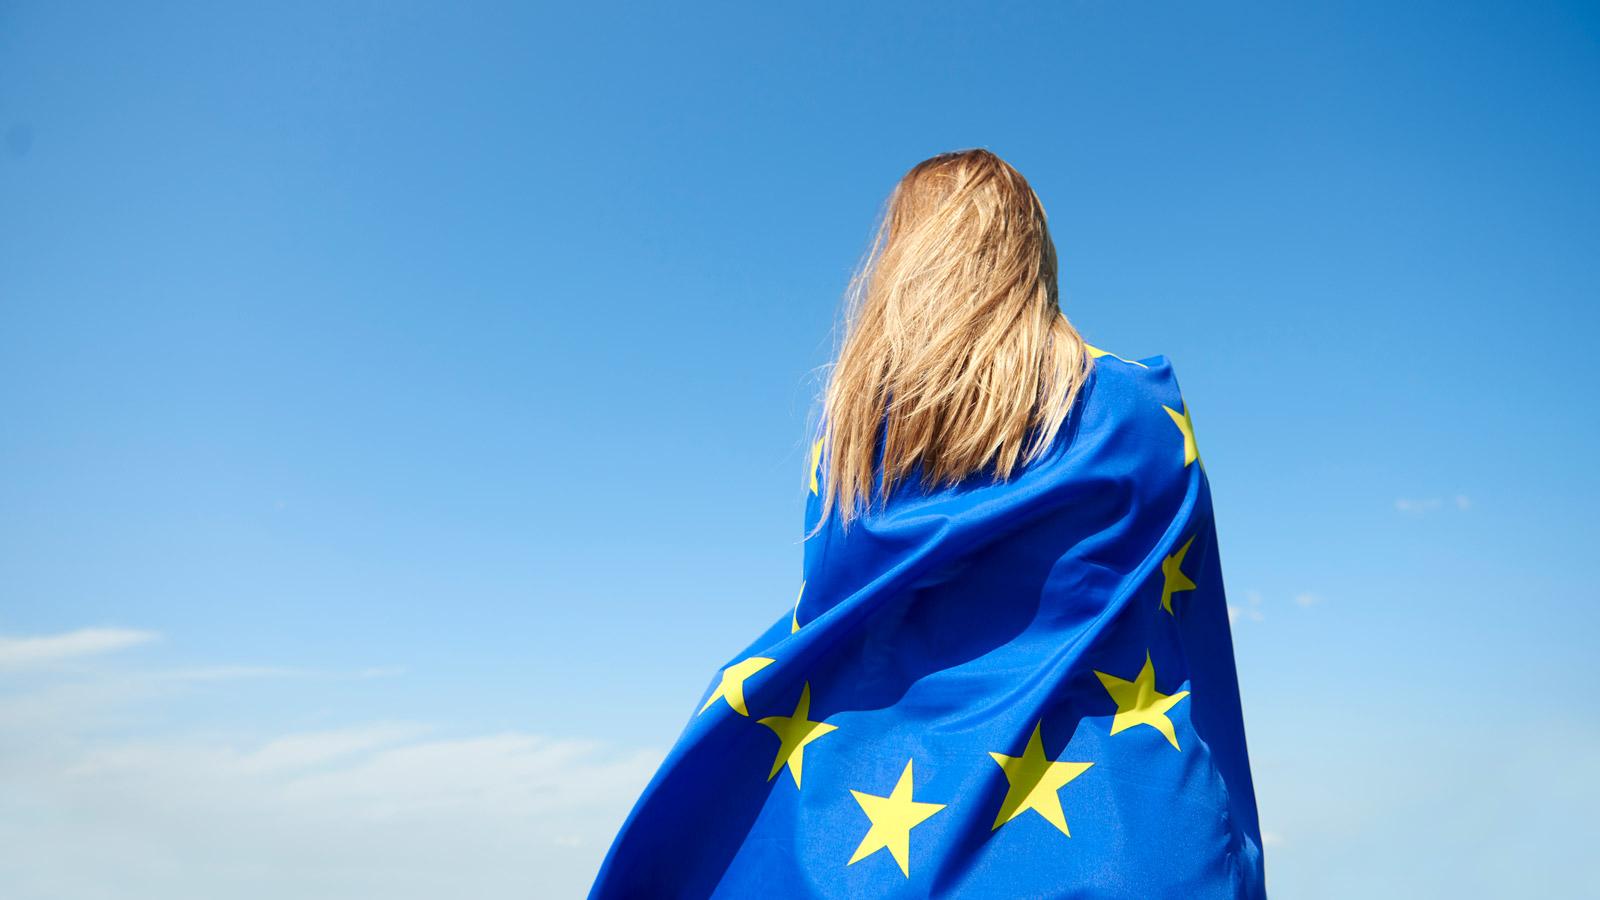 Co roku budżety państw w całej UE tracą 63,8 mld PLN – RAPORT analiza mediarun ue flaga budzet europa 2020